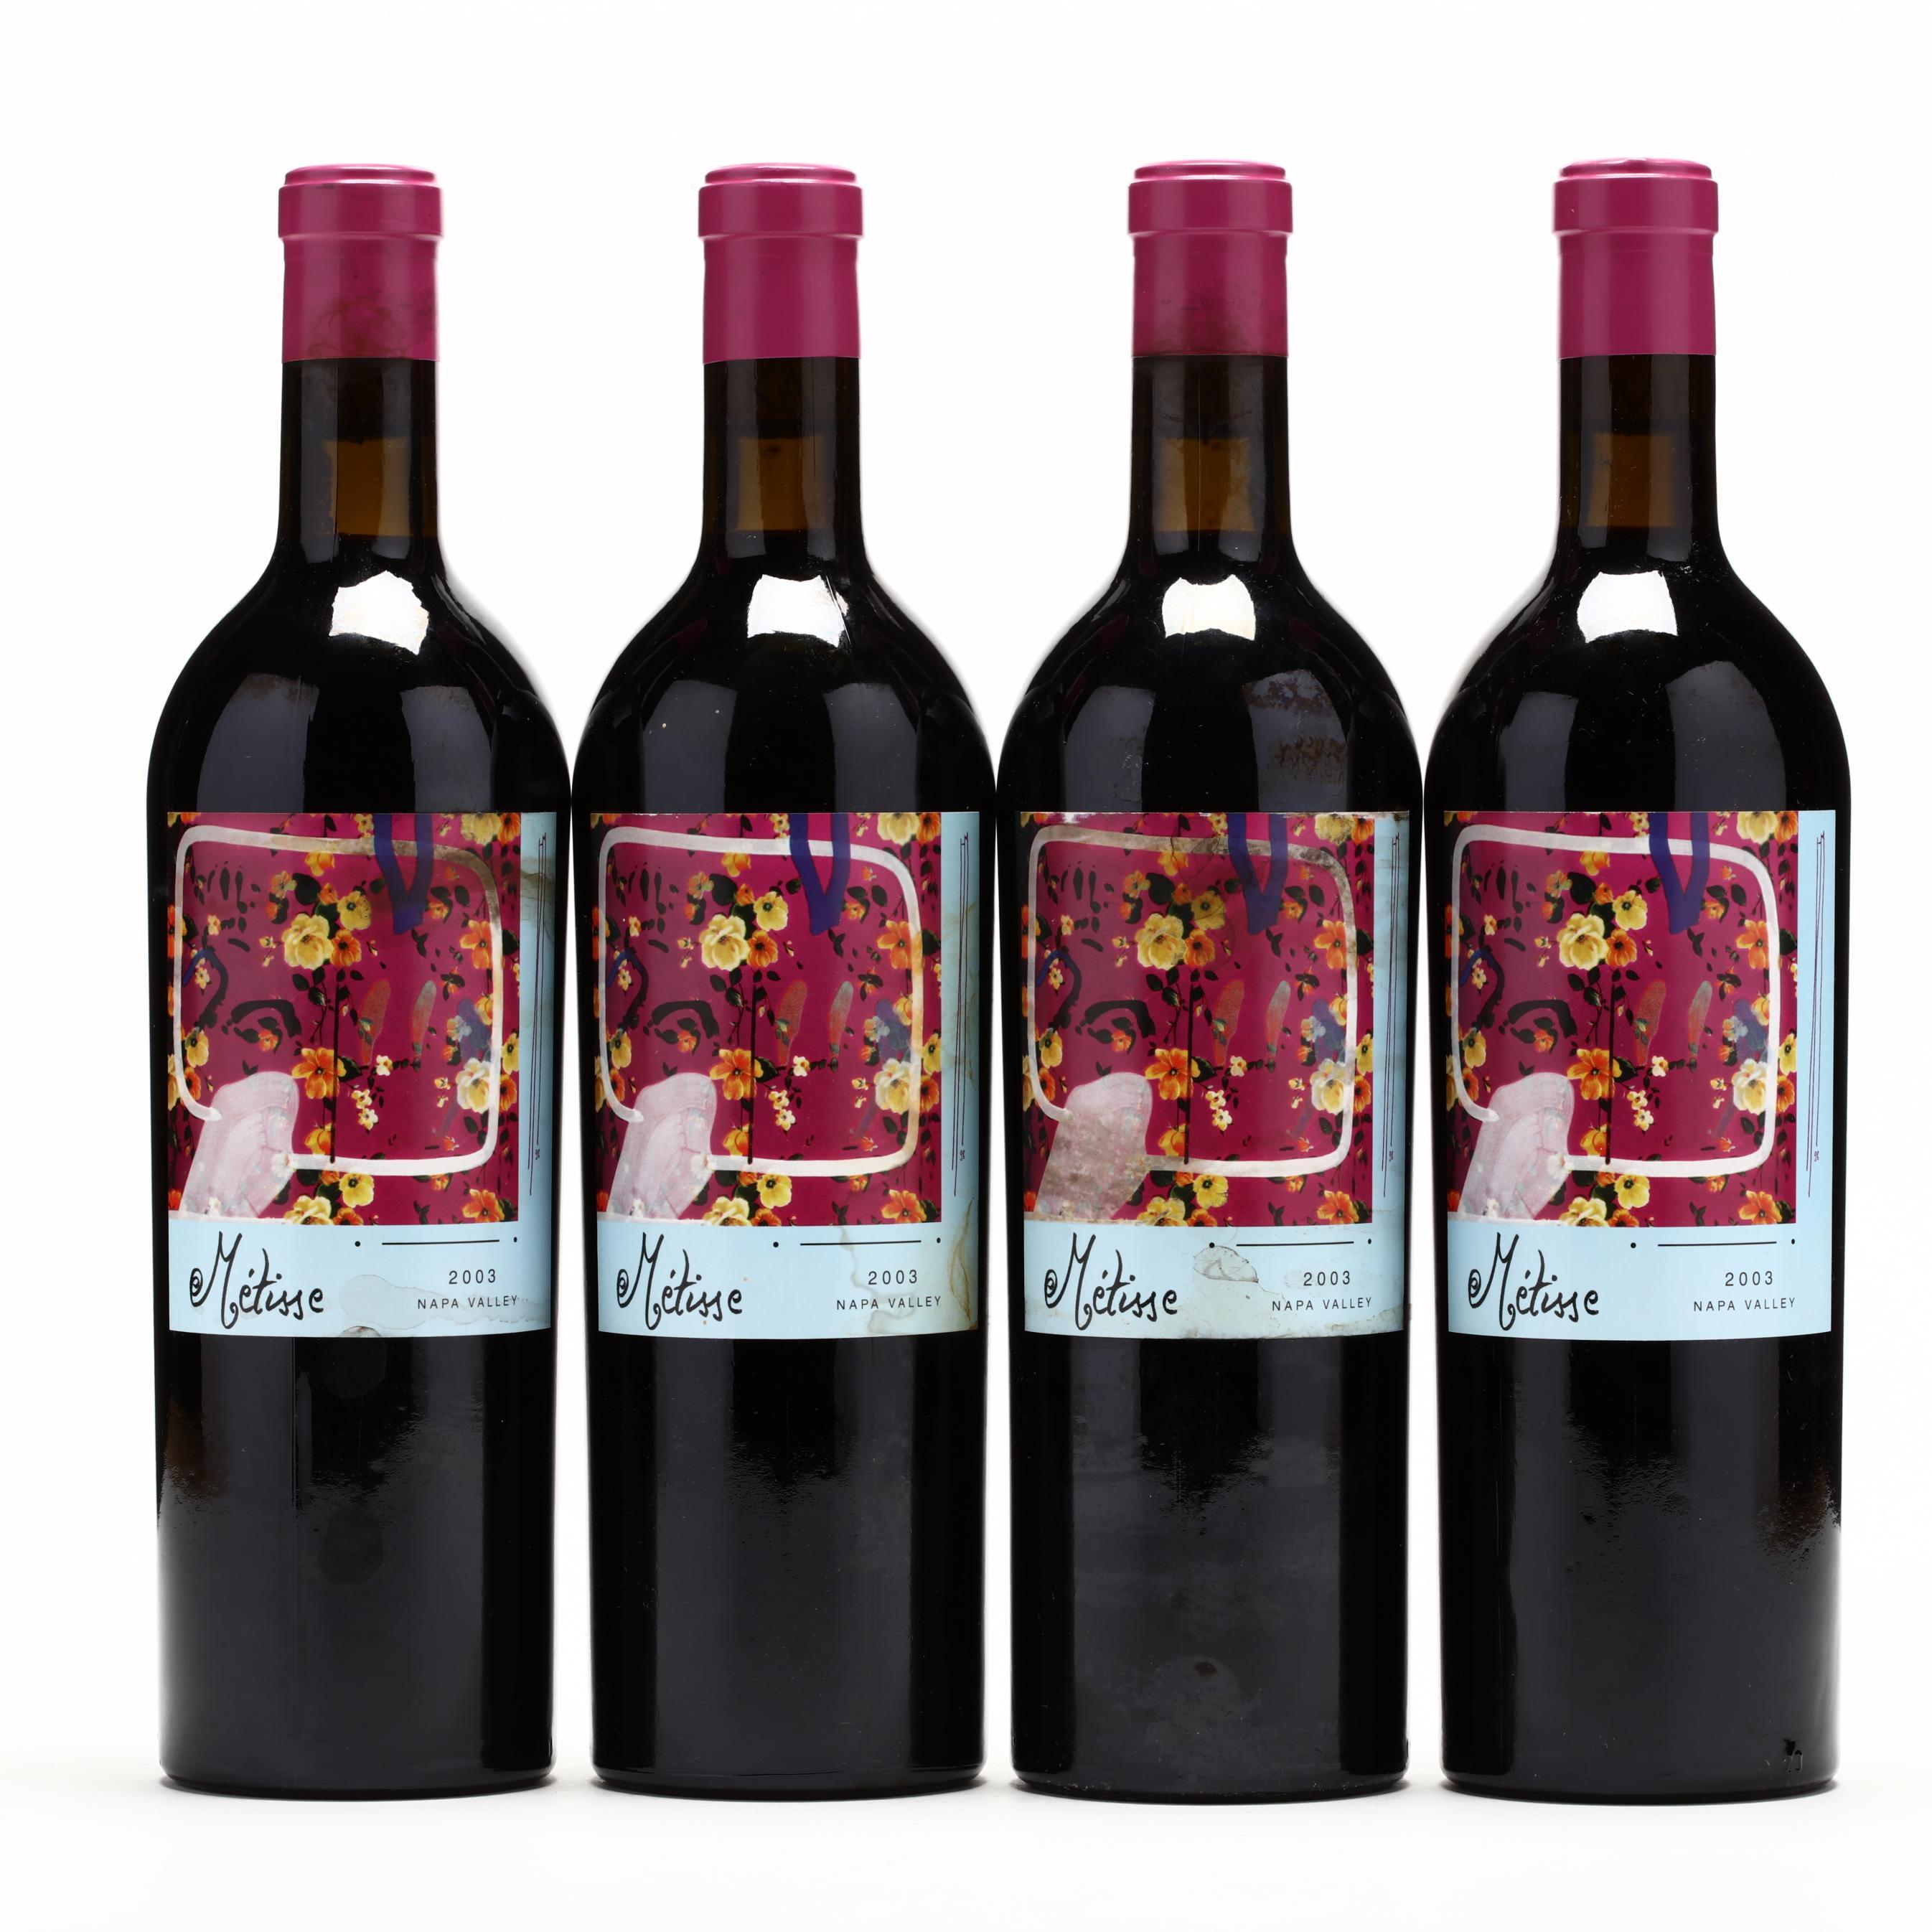 melka-wines-vintage-2003